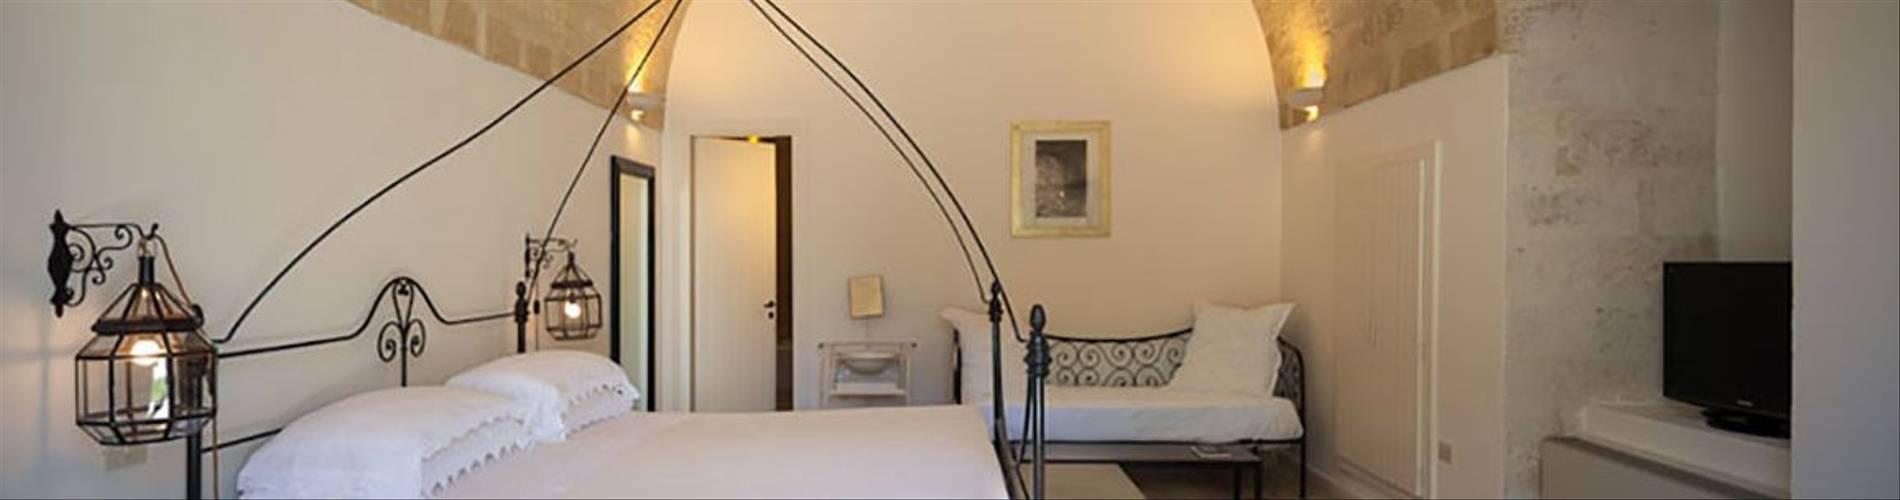 Masseria Montelauro, Puglia, Italy, Suite.jpg